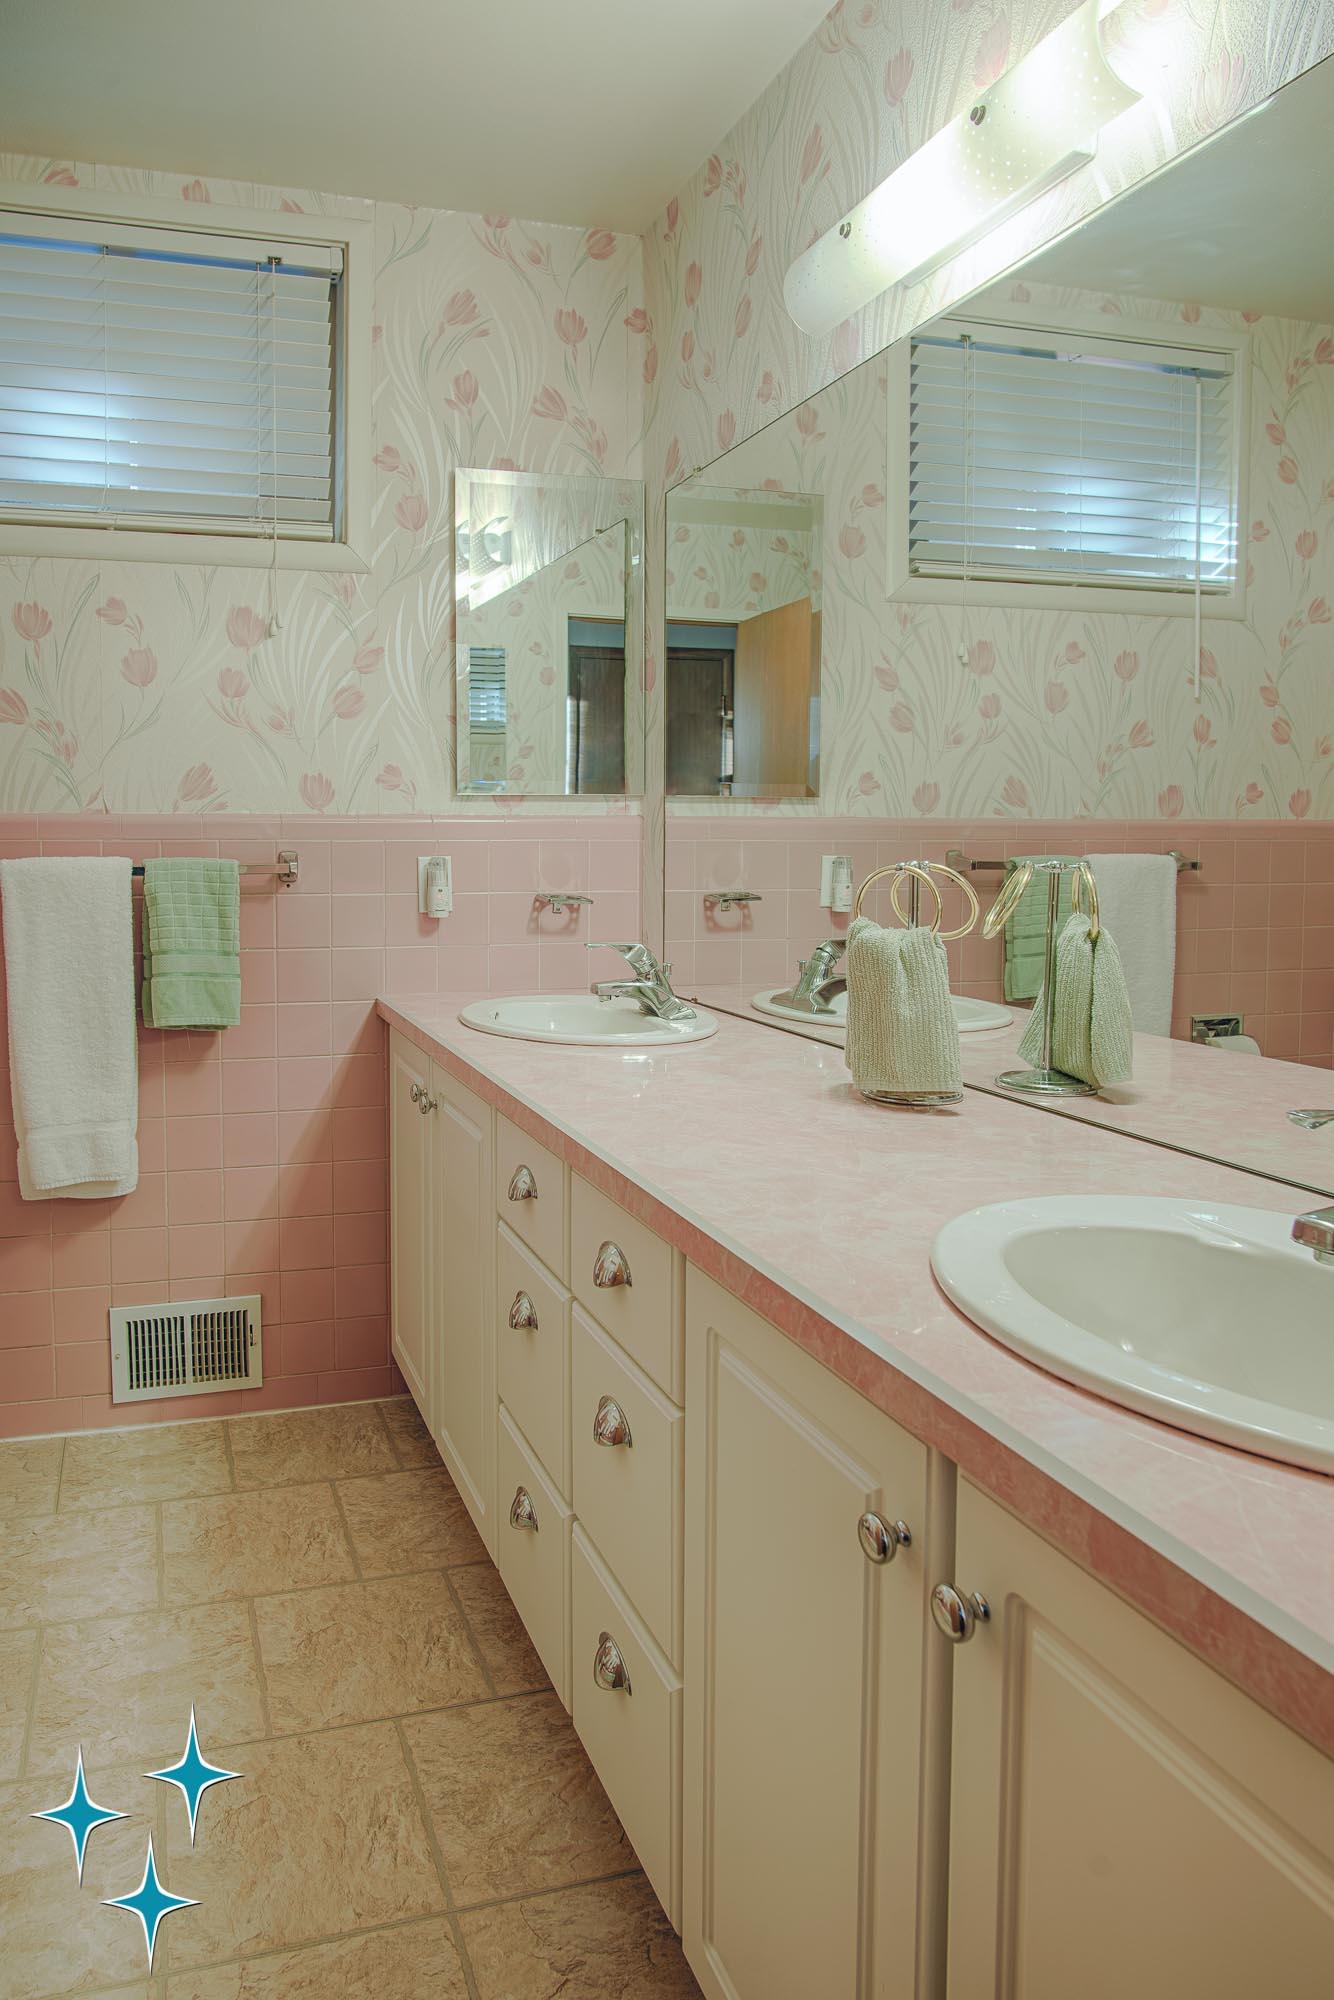 Adrian-Kinney-4155-W-Iliff-Avenue-Denver-r-Carey-Holiday-Home-2000w50-3SWM-28.jpg